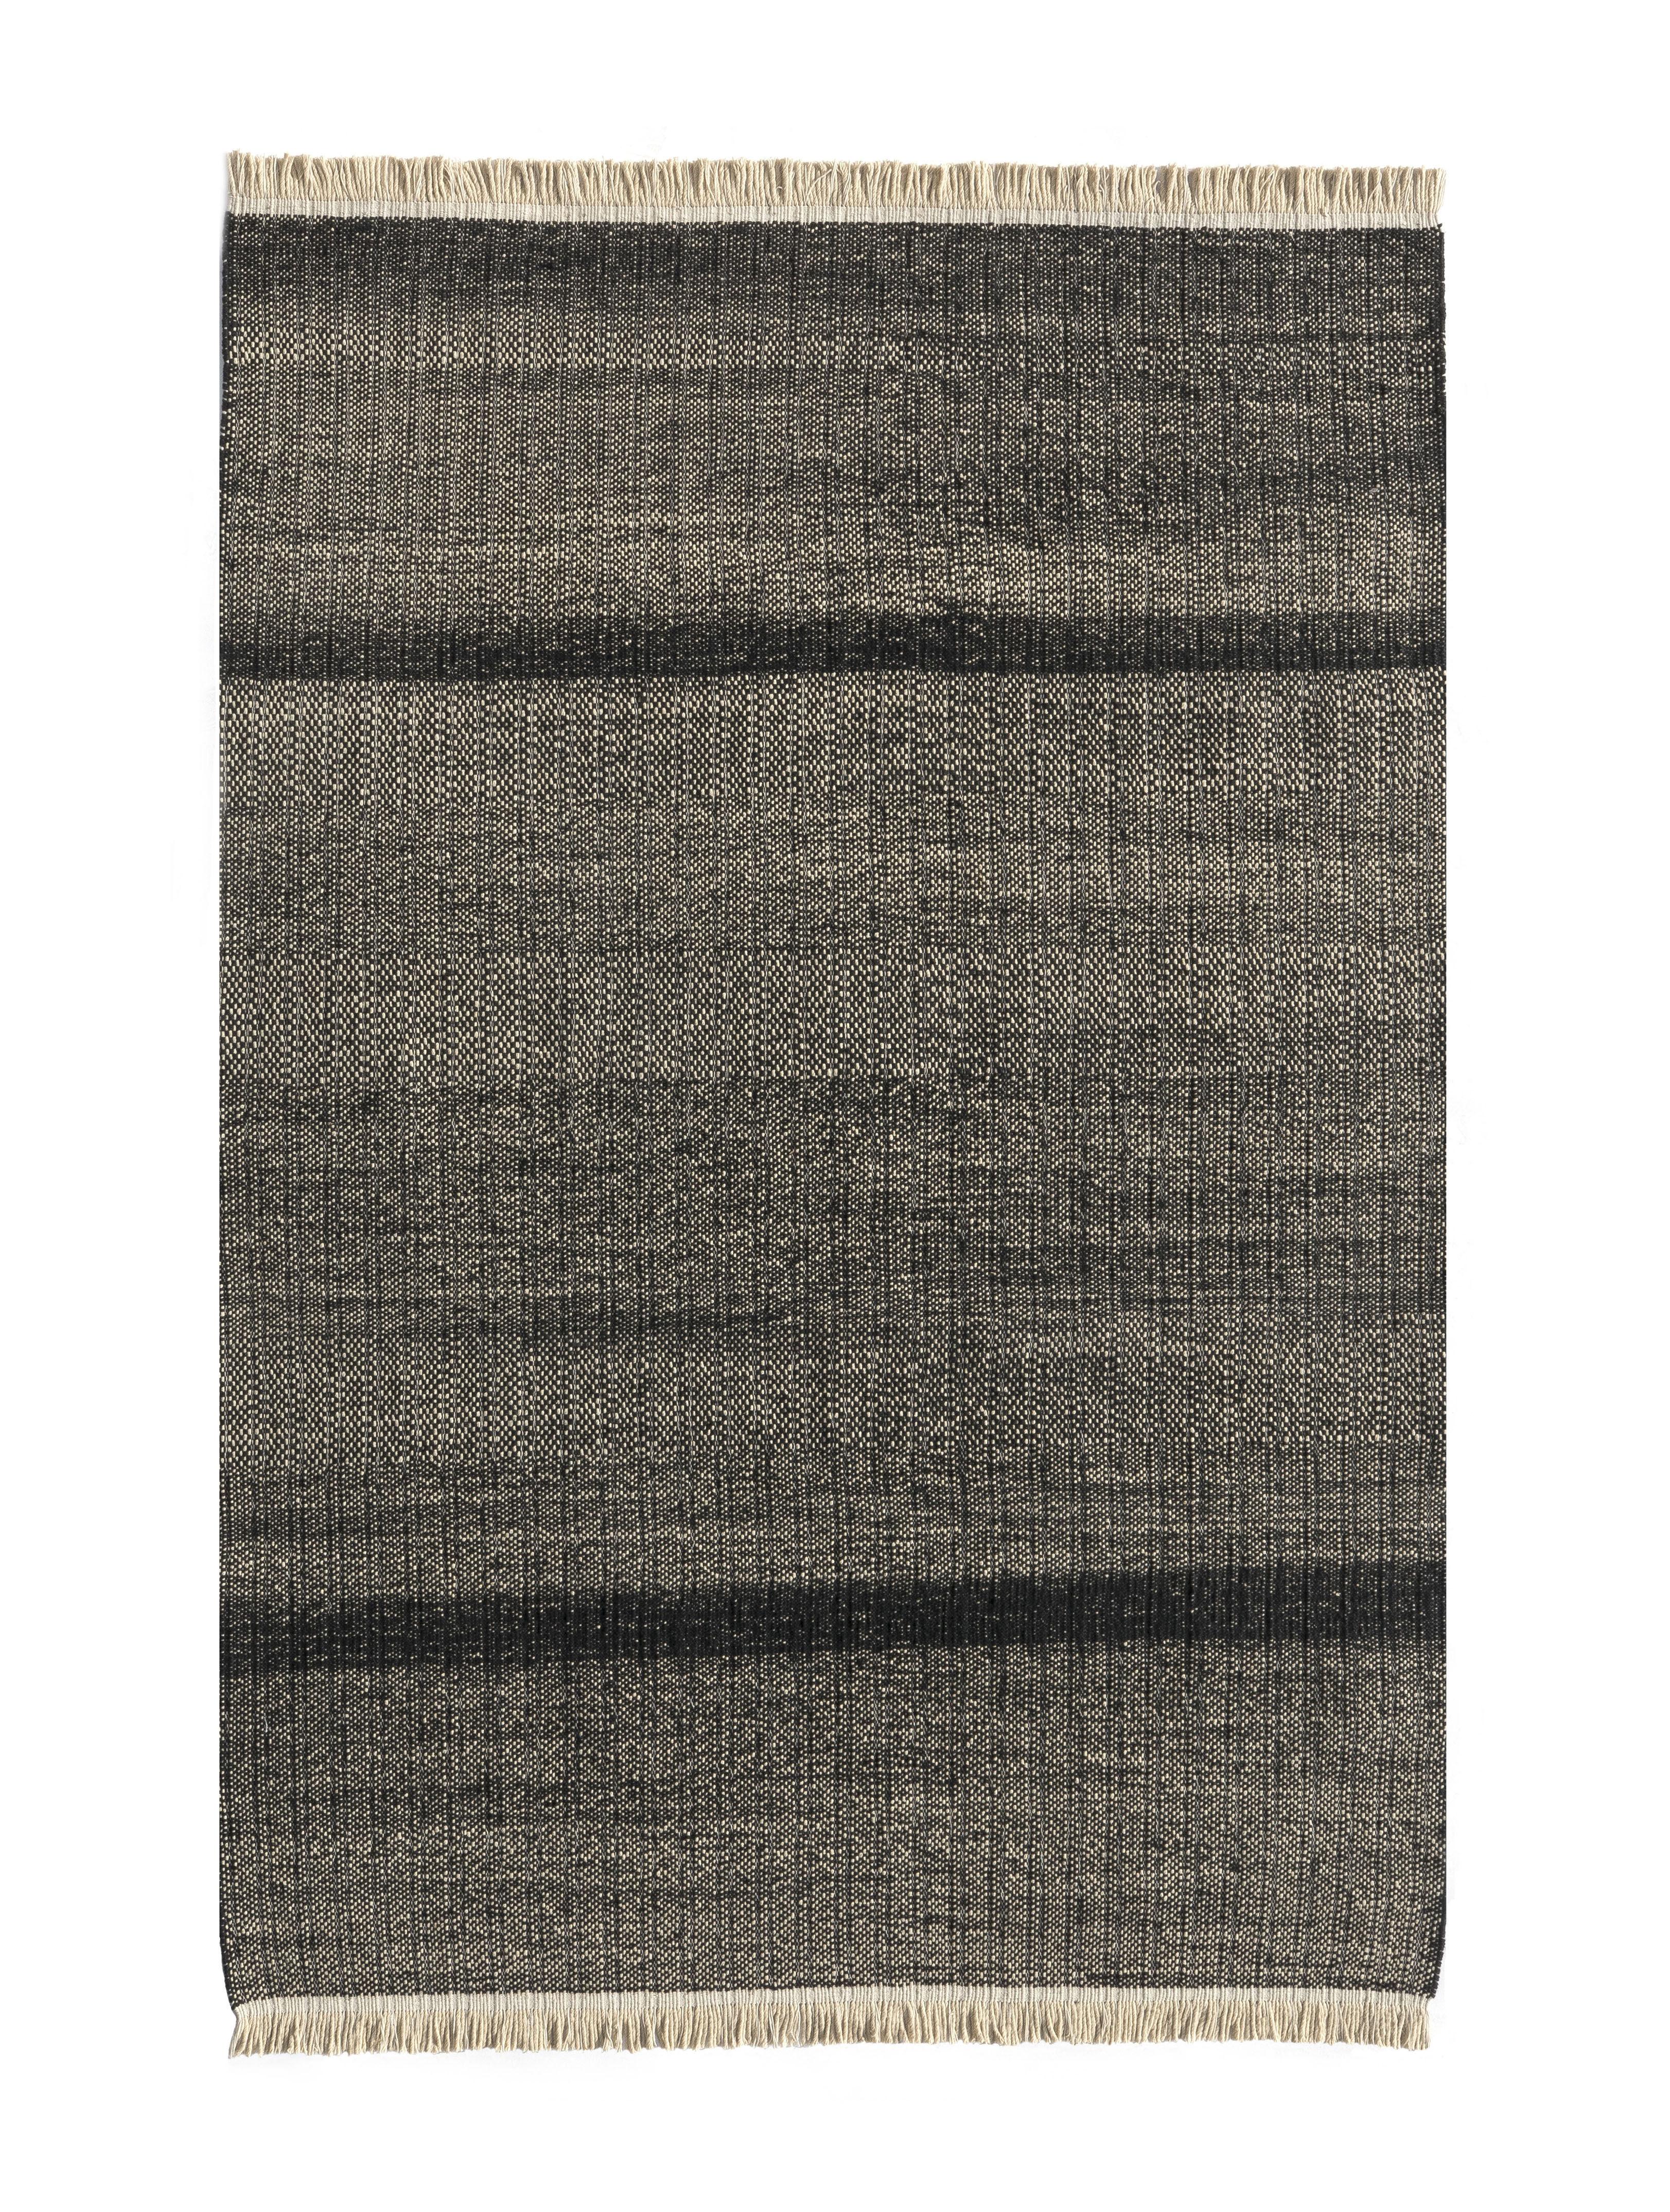 Dekoration - Teppiche - Tres Außenteppich / 170 x 240 cm - Nanimarquina - Schwarz - Polyäthylen